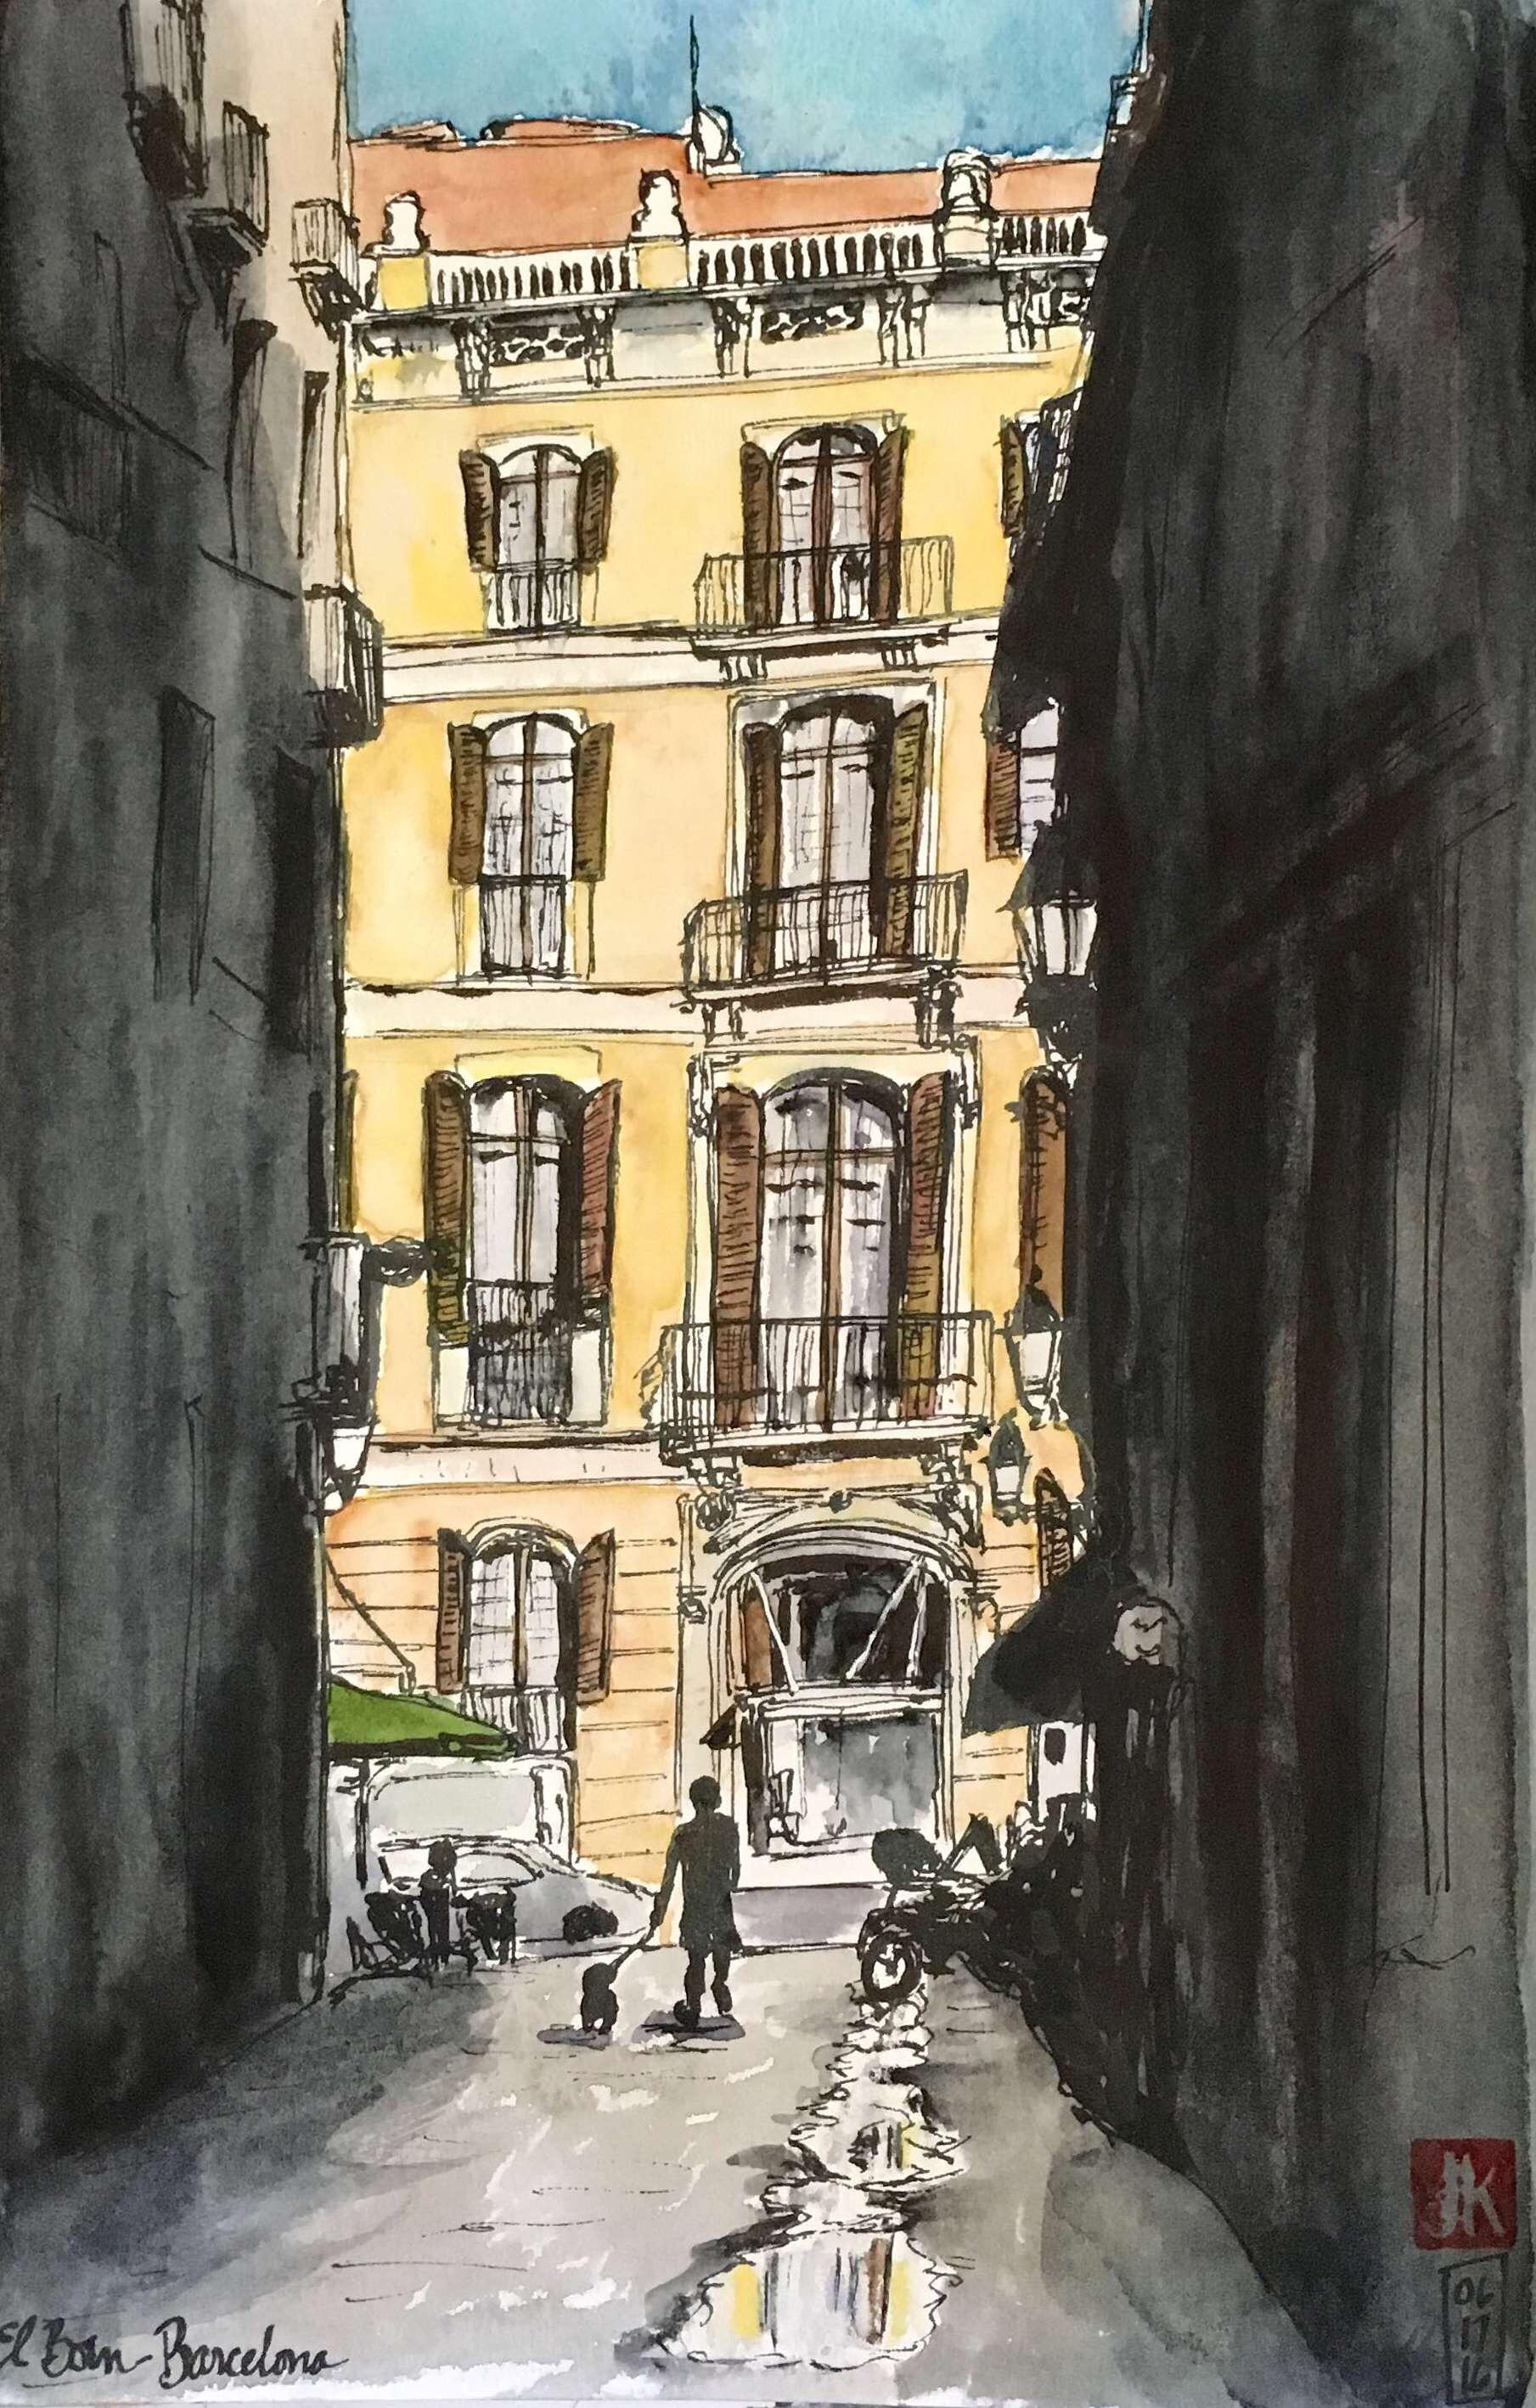 A street in Él Born, Barcelona